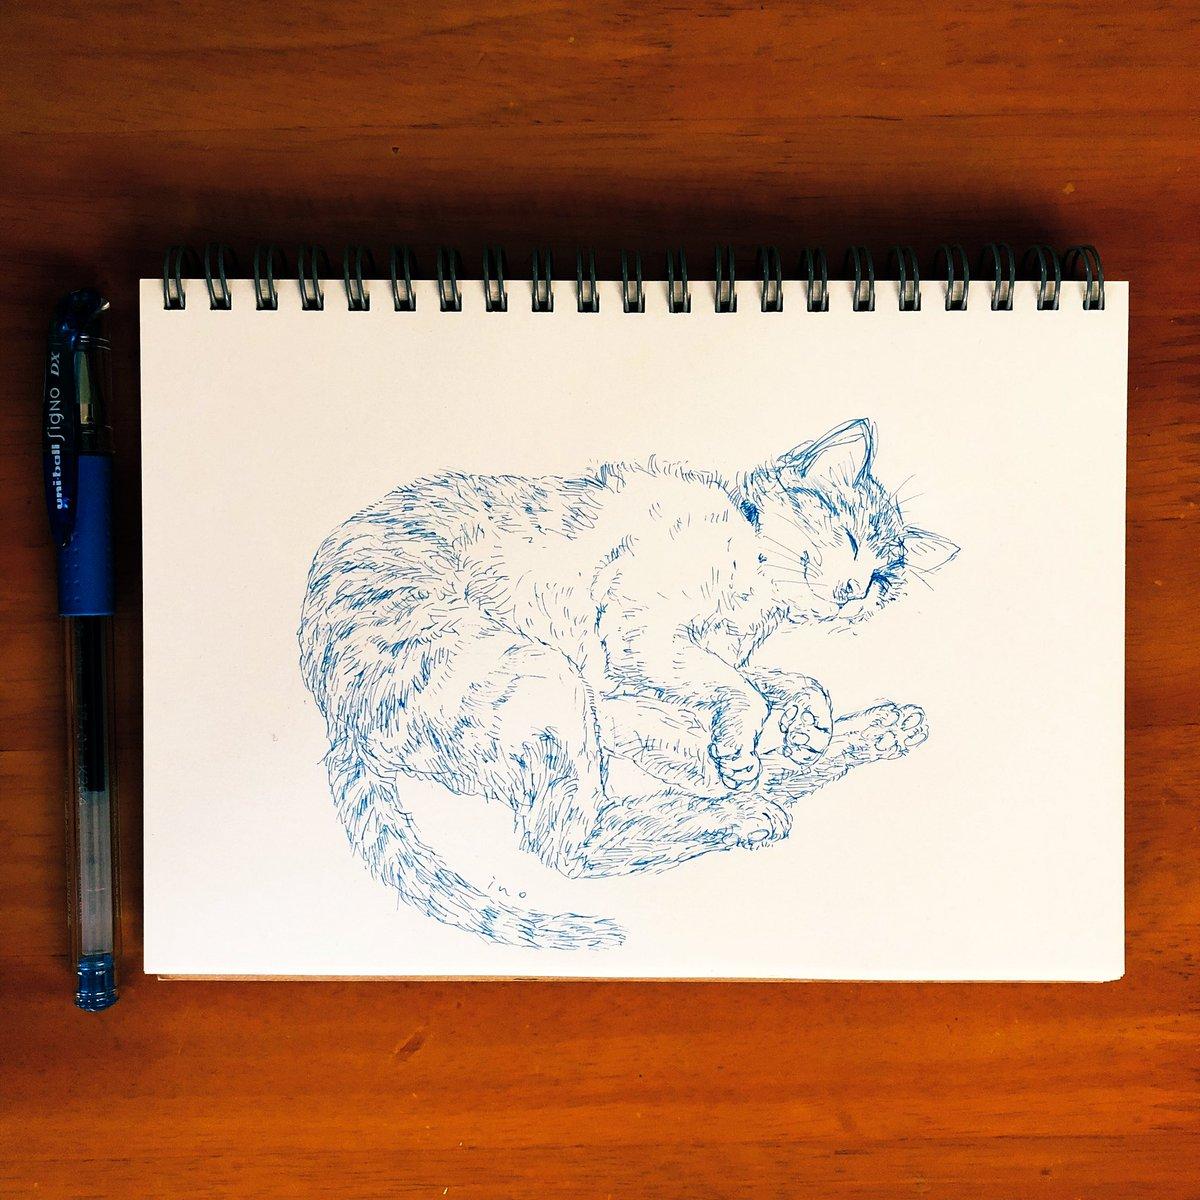 このもふもふのお腹に顔を埋める至福たるや。 #イラスト #一発描き #ドローイング #アート #アナログ画 #アナログ絵描き #ペン画 #ボールペン画 #猫のイラスト #猫 #シグノ #シグノ大好き #Illustration #drawing #artwork  #Illustrationgram #Analogpicture #Pendrawing #Ballpointpendrawing